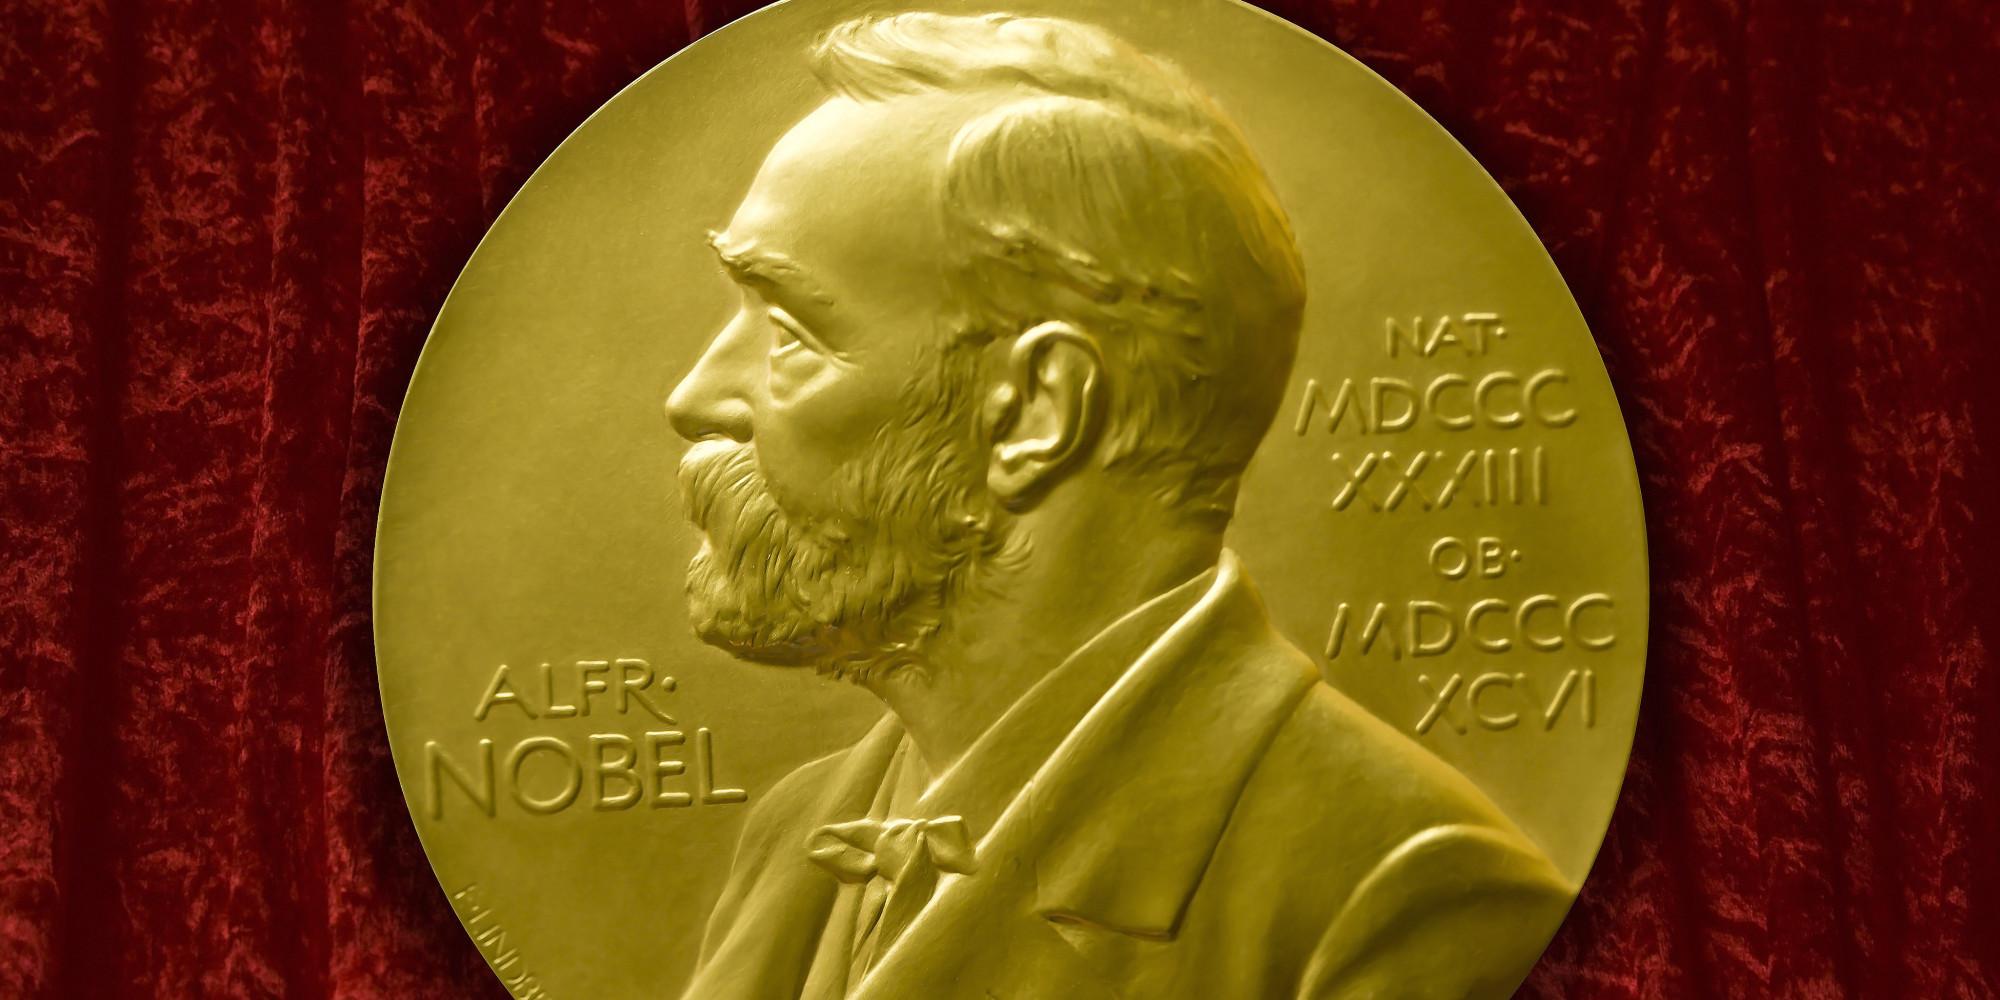 برندگان نوبل شیمی ۲۰۱۷ معرفی شدند+ تصاویر